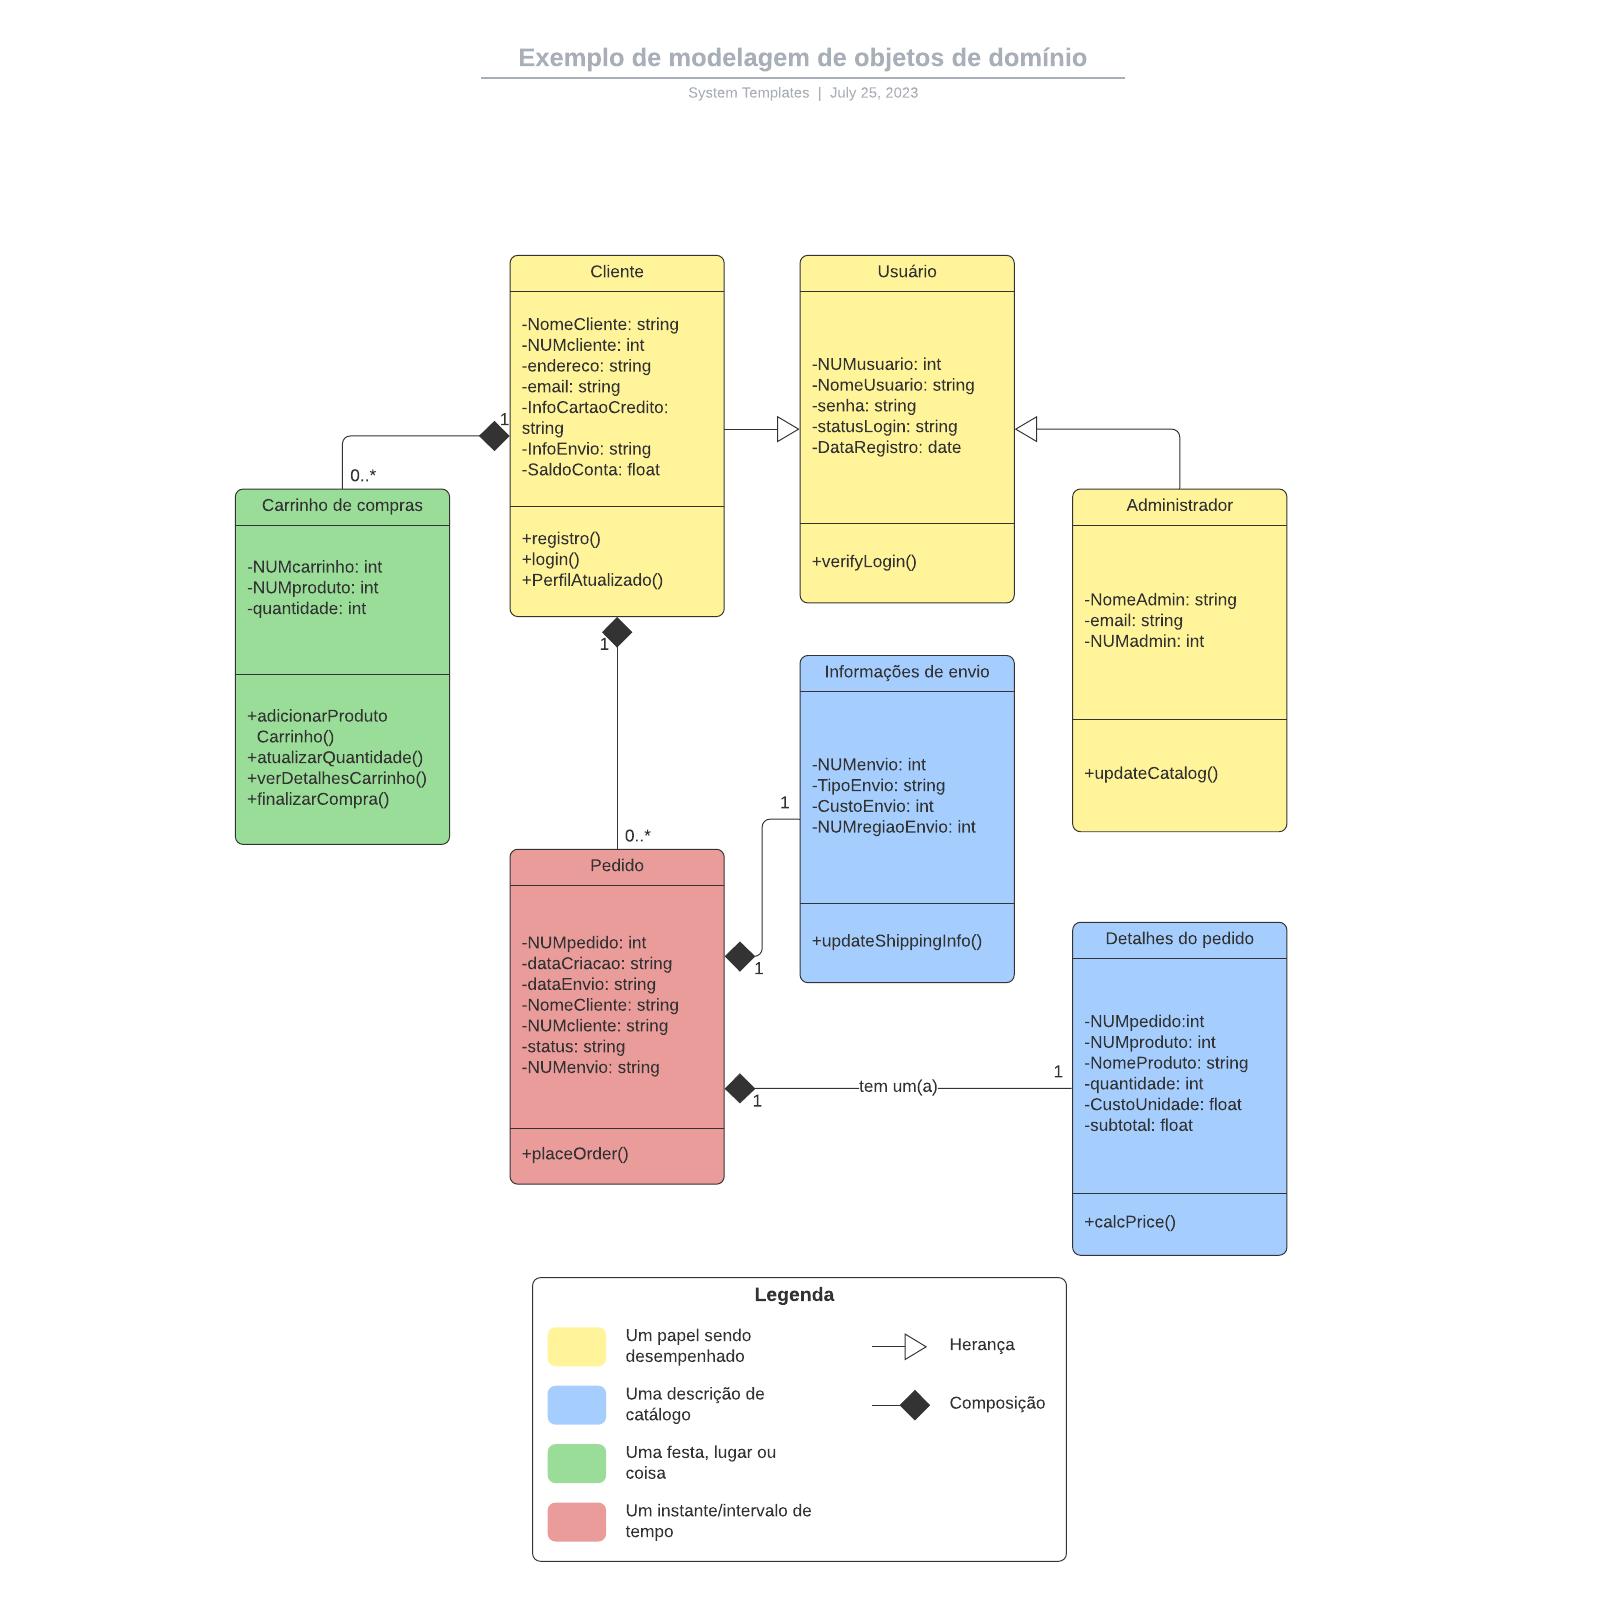 Exemplo de modelagem de objetos de domínio